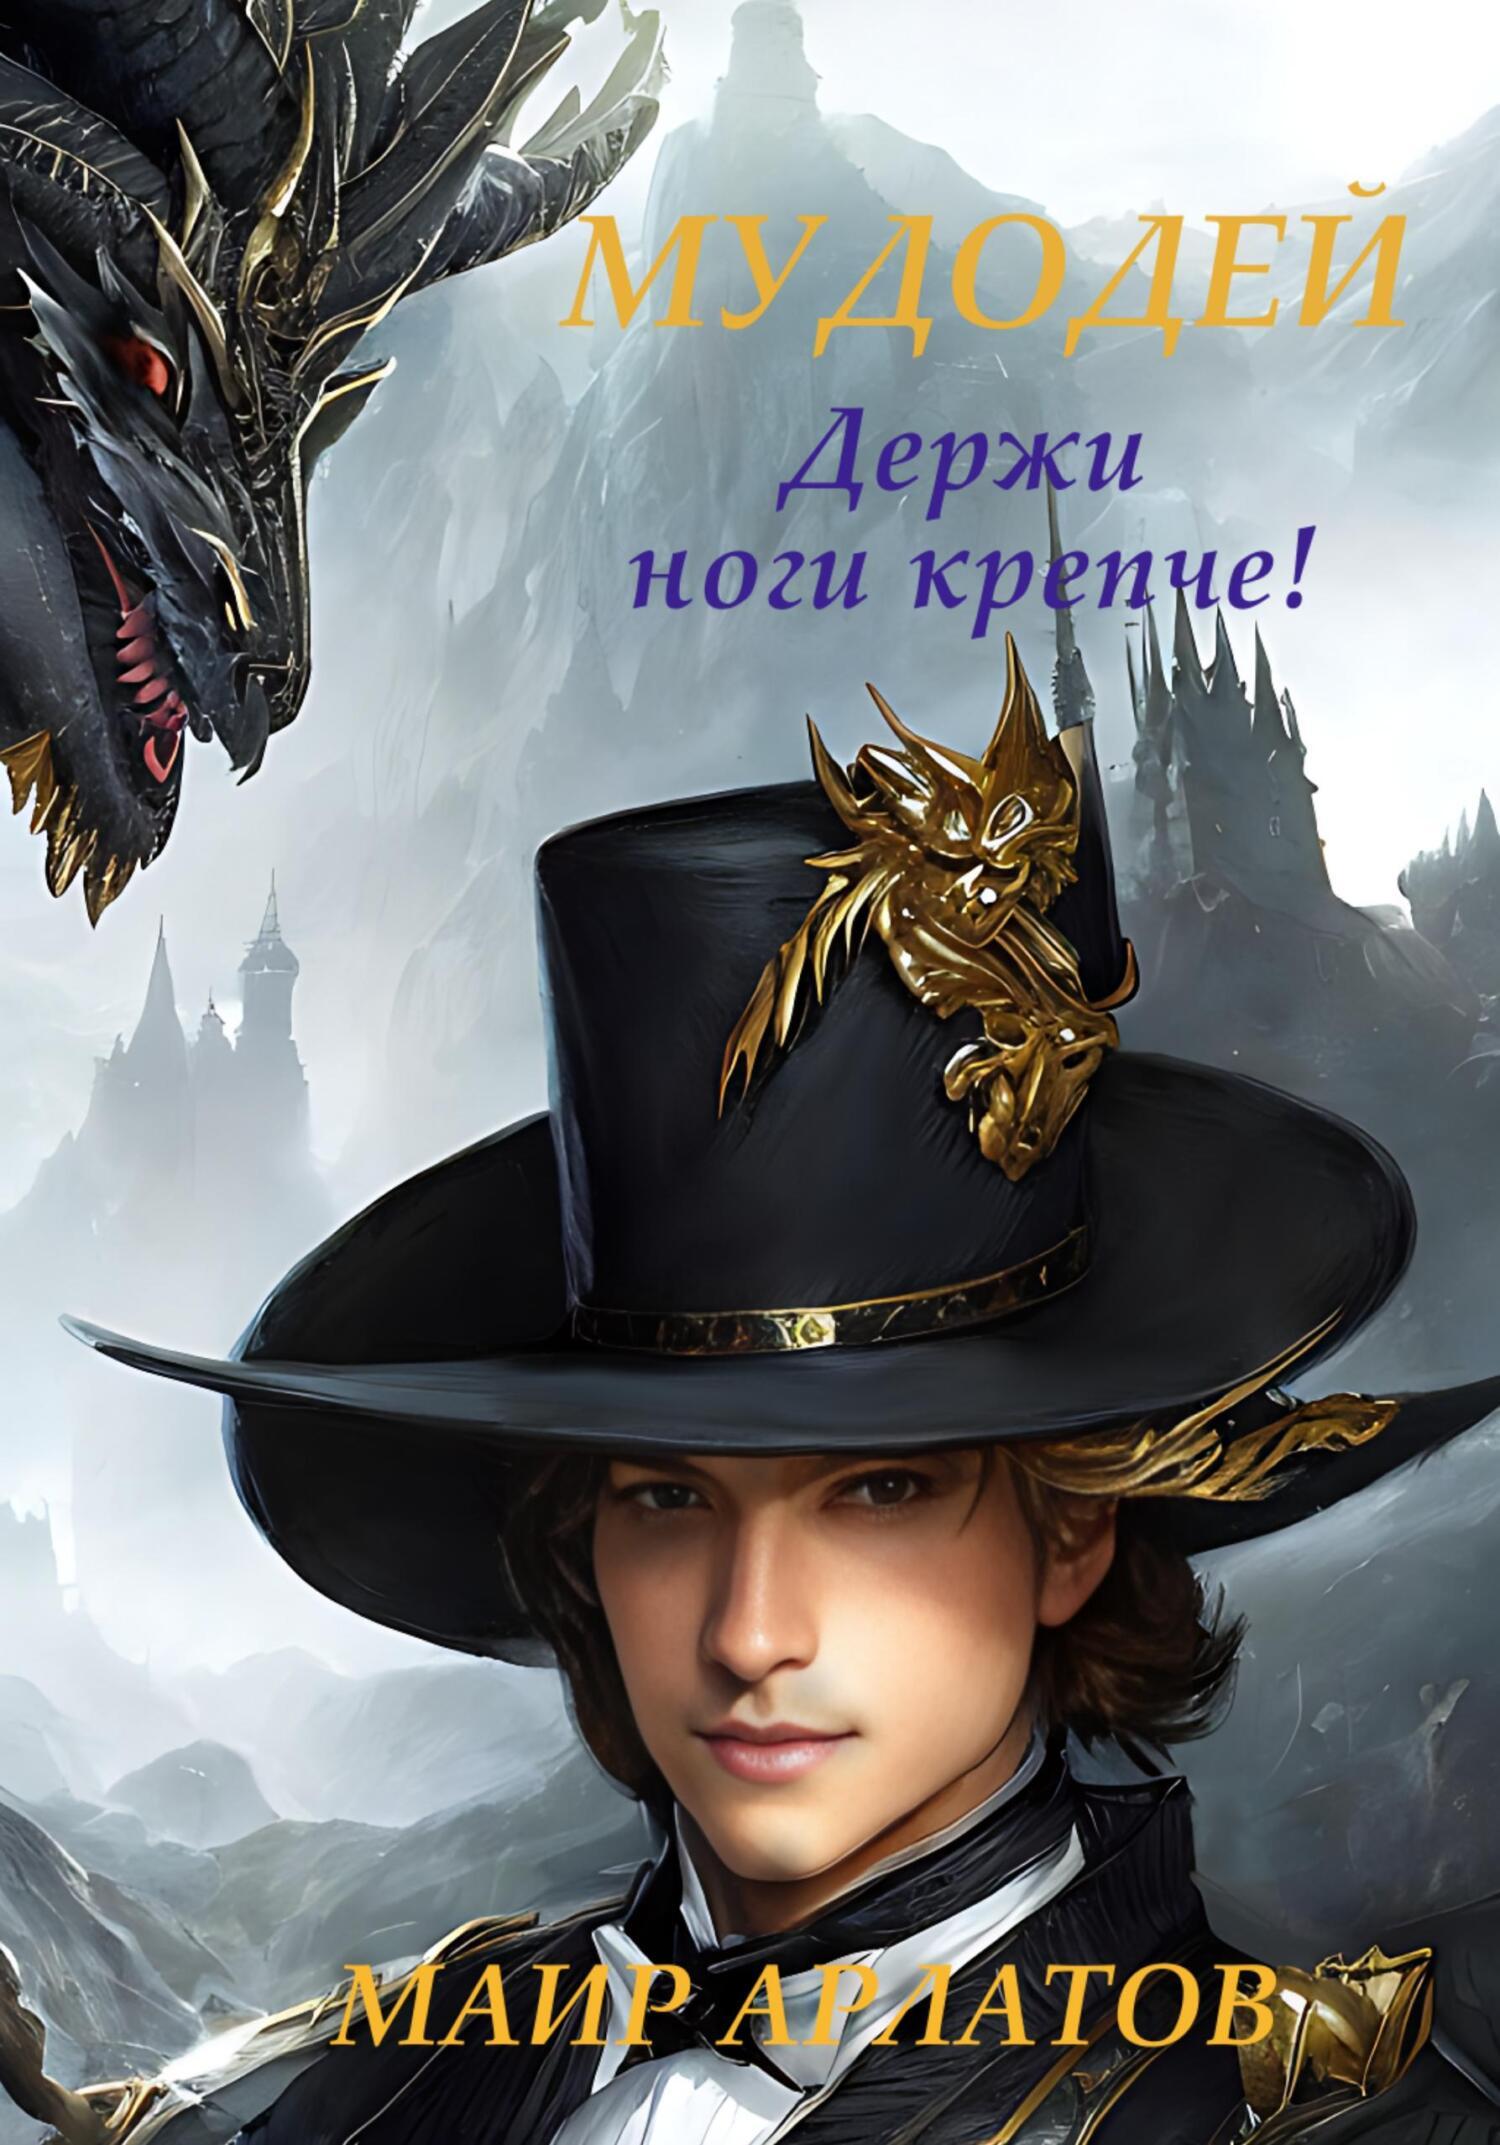 Купить книгу Мудодей. Держи ноги крепче!, автора Маира Арлатова